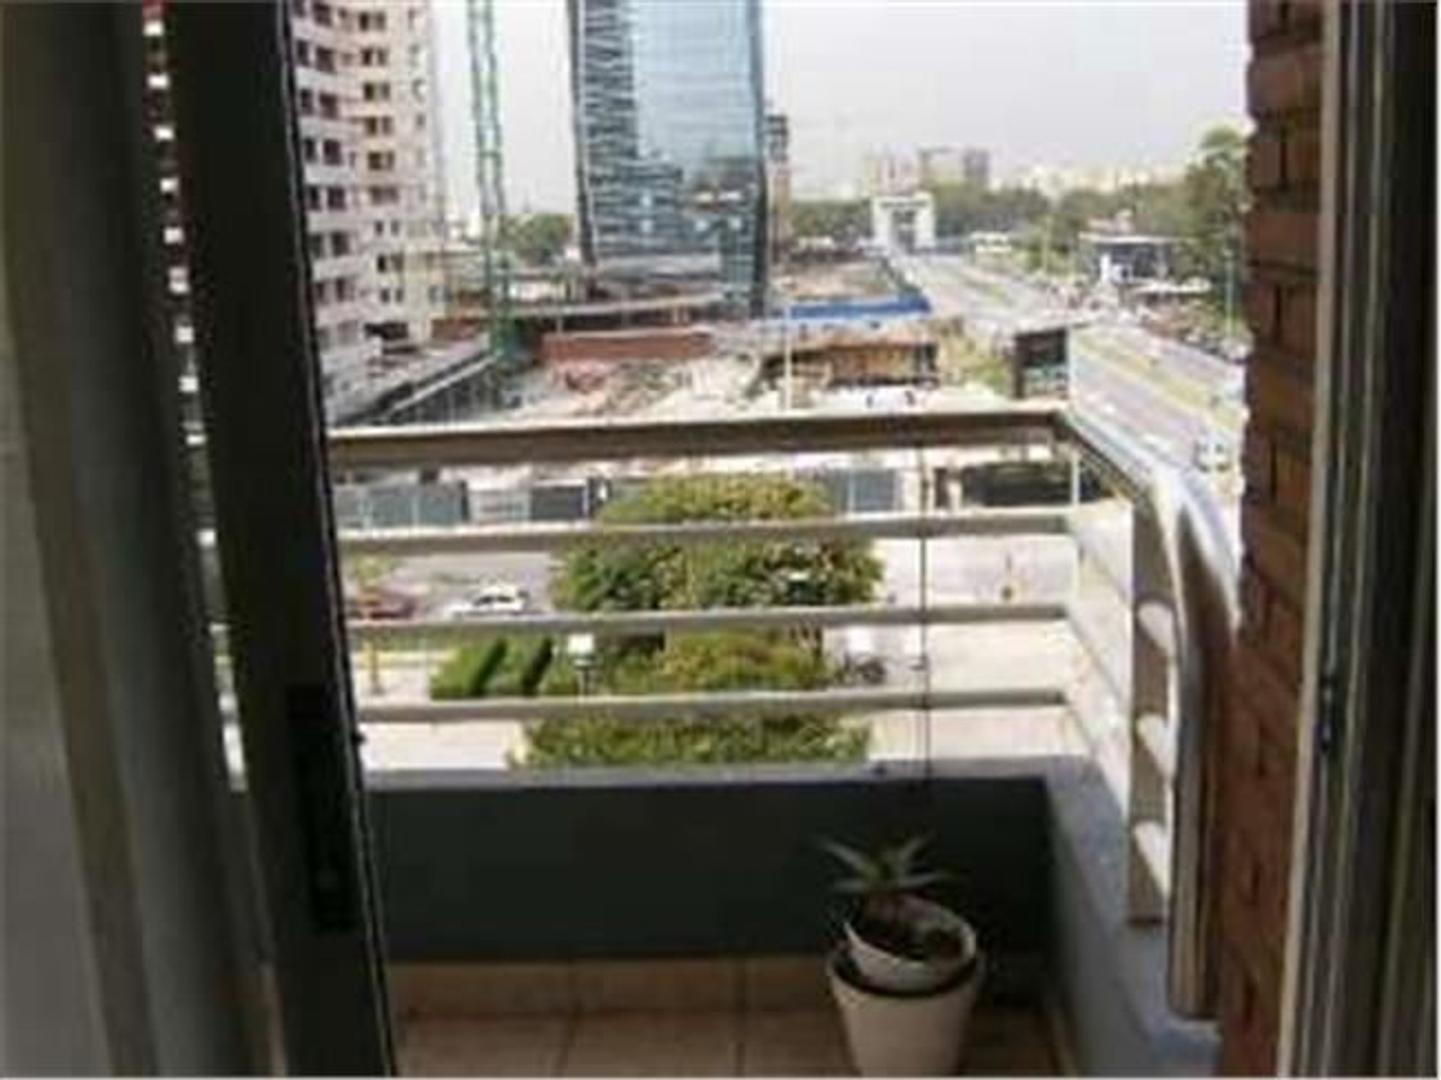 Departamento tipo duplex en venta en Puerto Madero